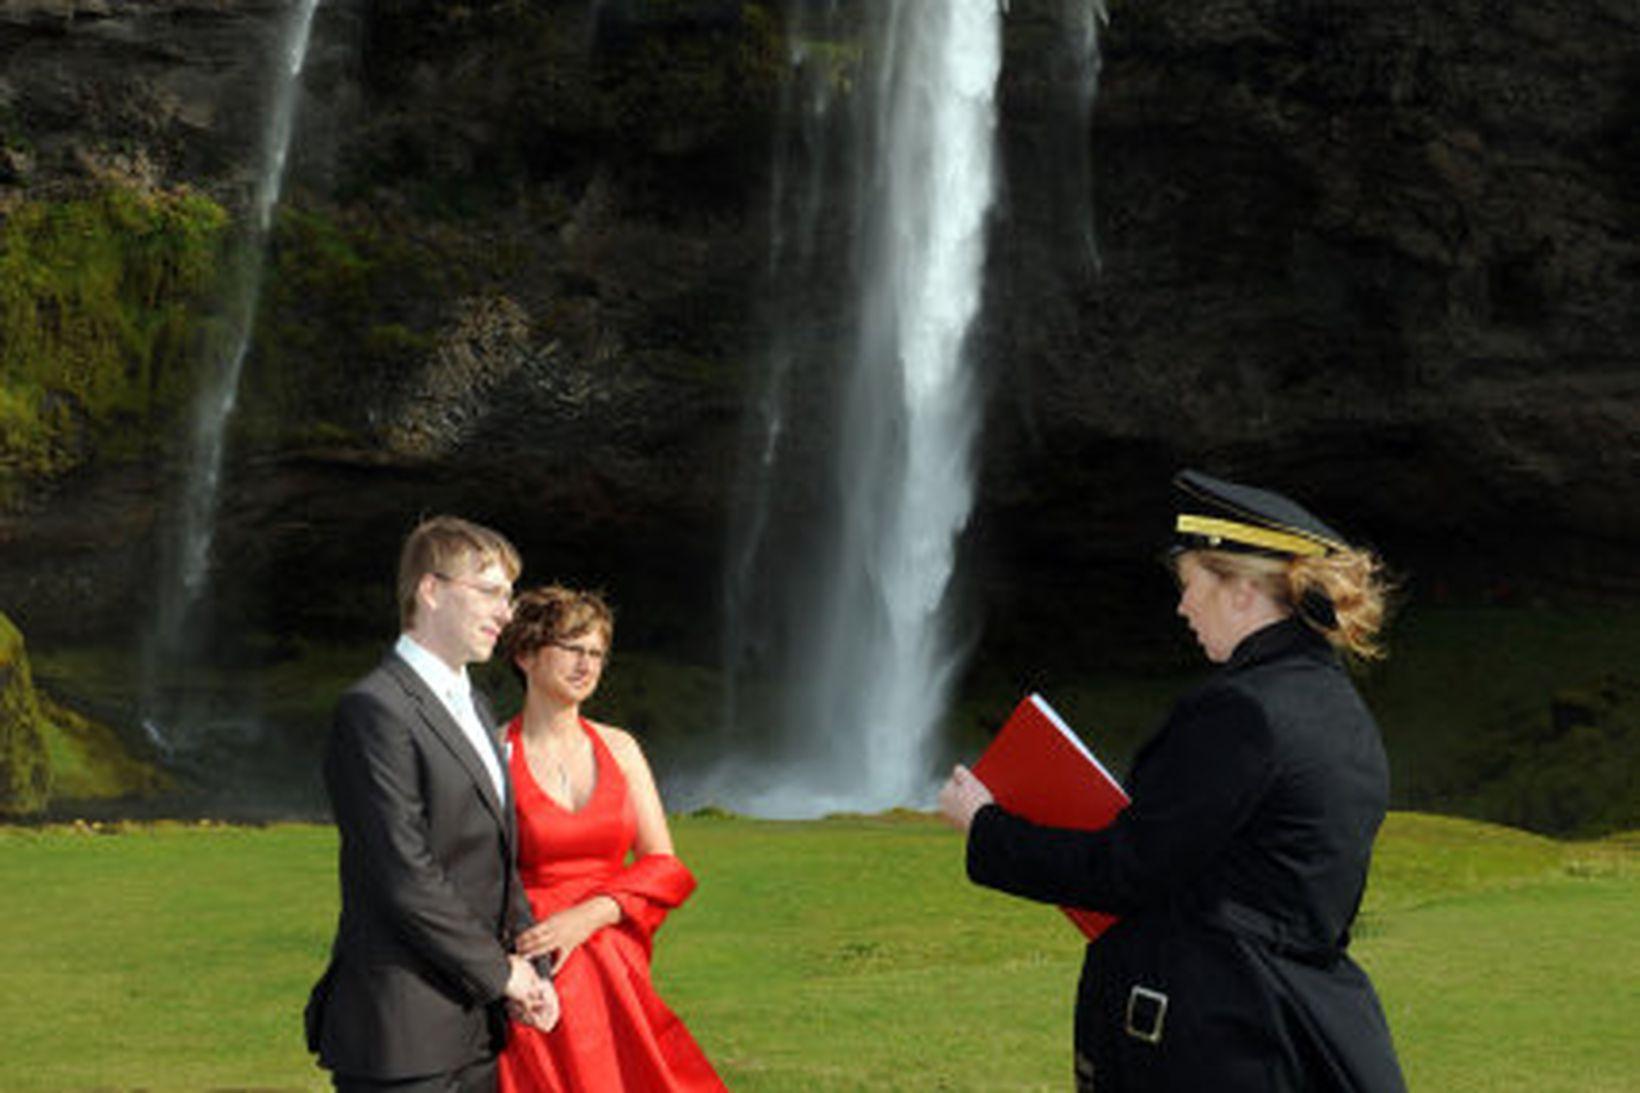 Þau Christian og Anke Wiesner voru gefin saman við Seljalandsfoss …